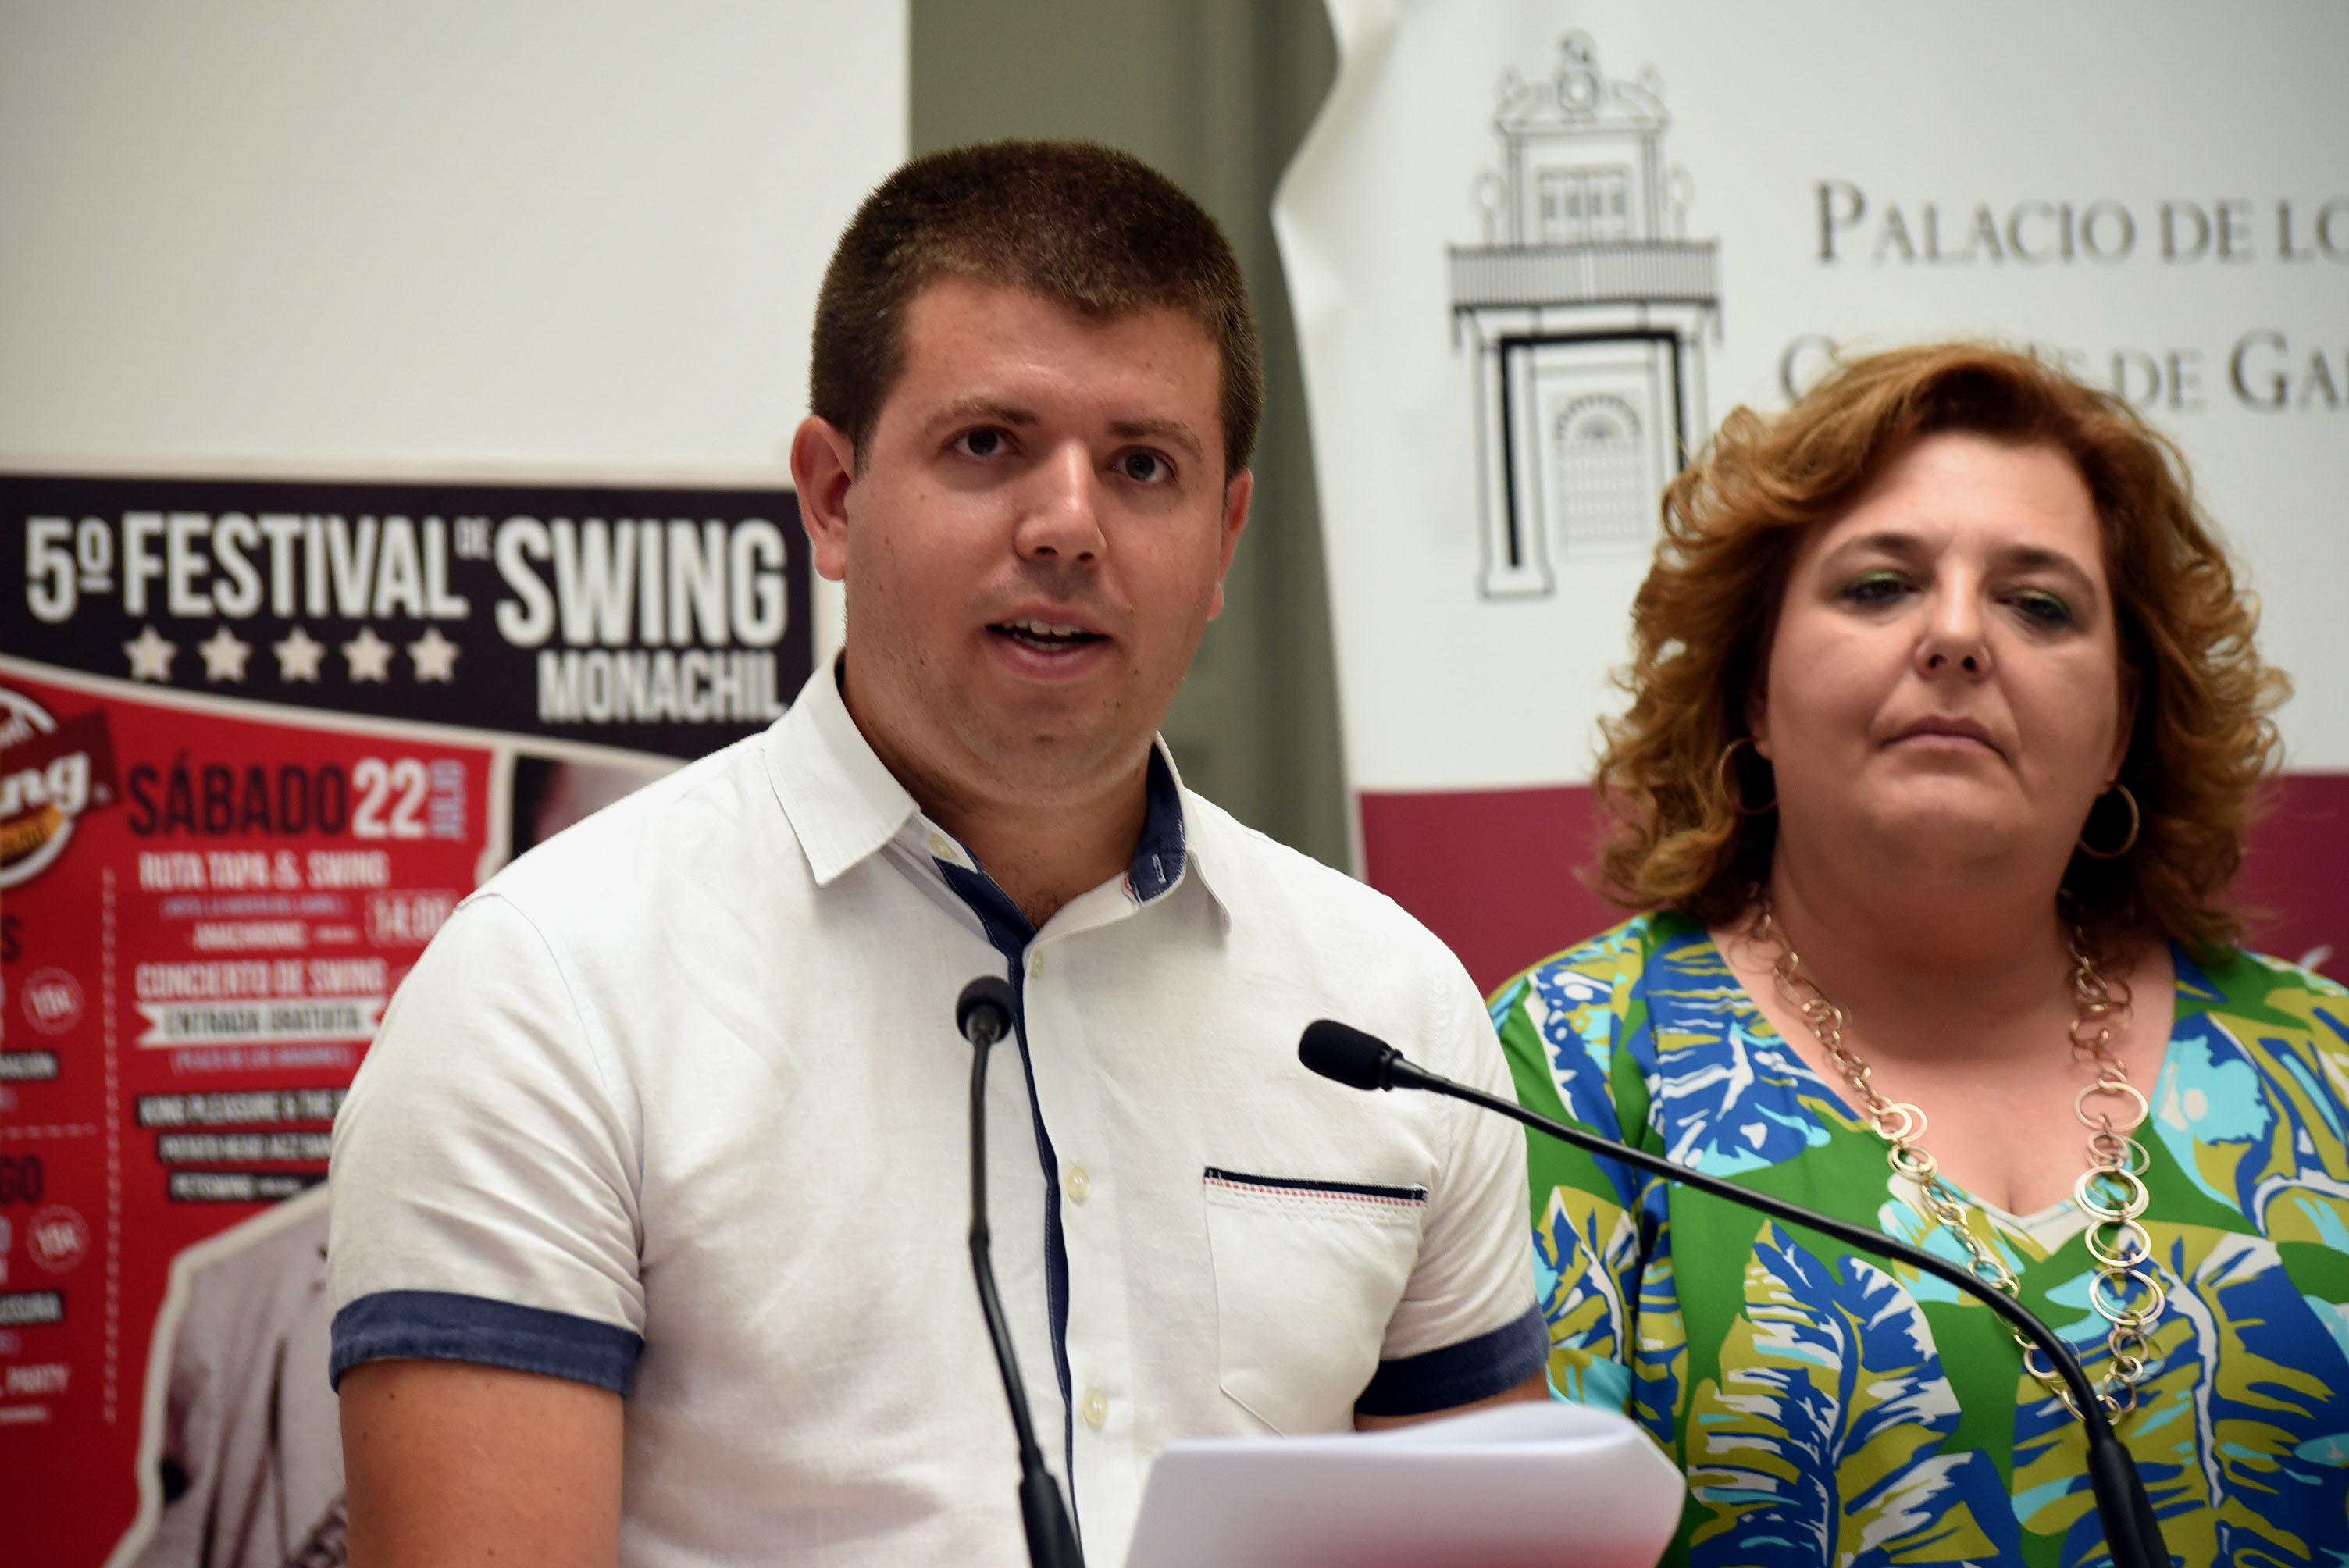 Ayuntamiento de Monachil acusa al PP de «inventarse» el despido de un ingeniero que no existe en el organigrama